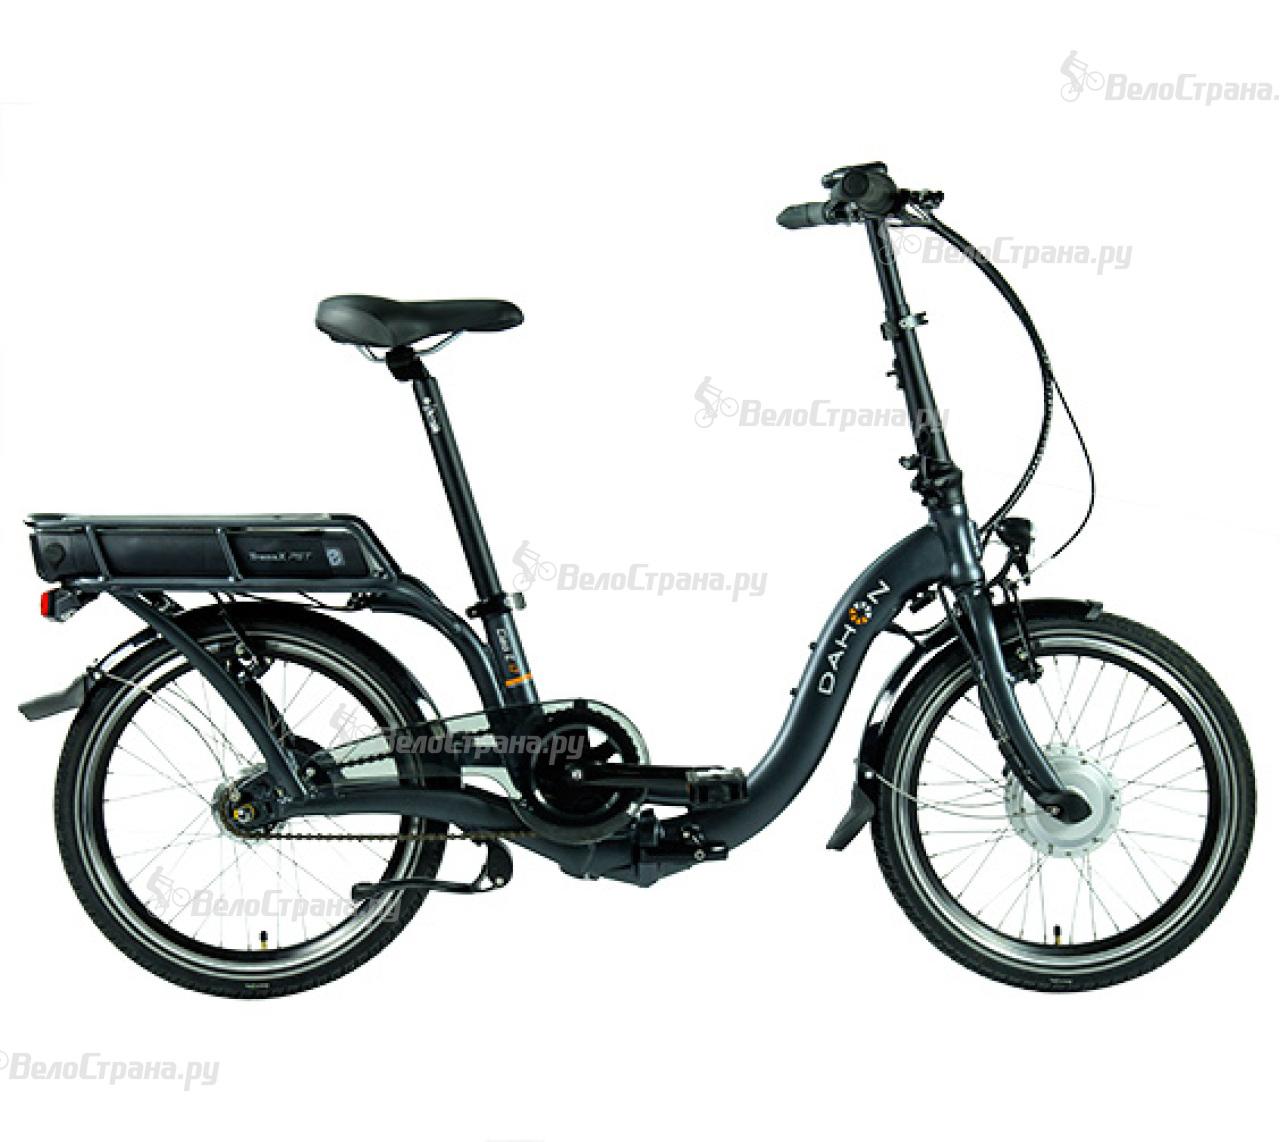 Велосипед Dahon Ciao E i7 (2017) велосипед dahon compact e i7 2017